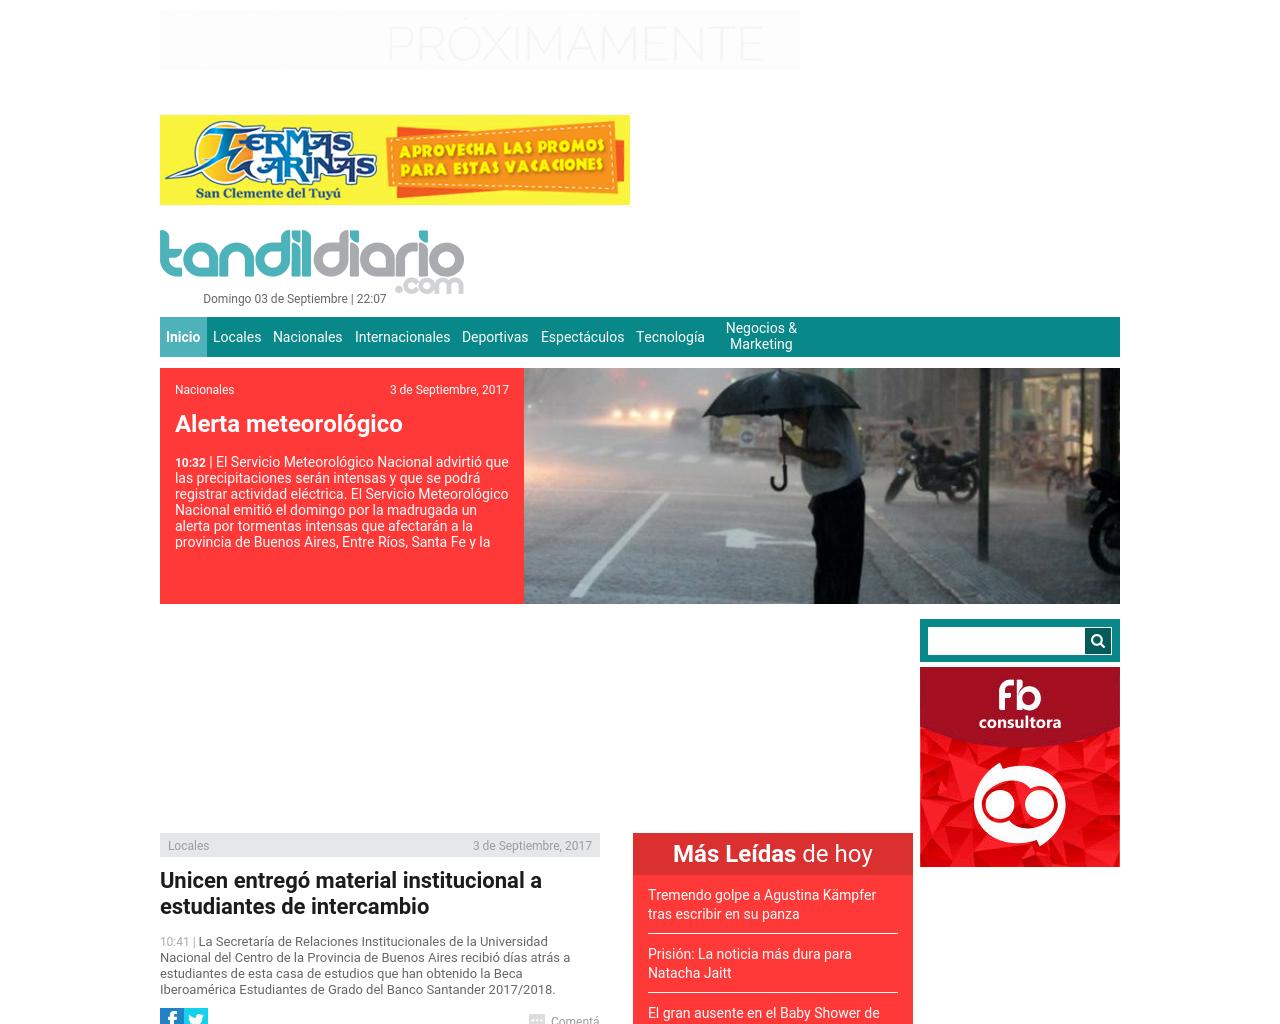 tandildiario.com-Advertising-Reviews-Pricing